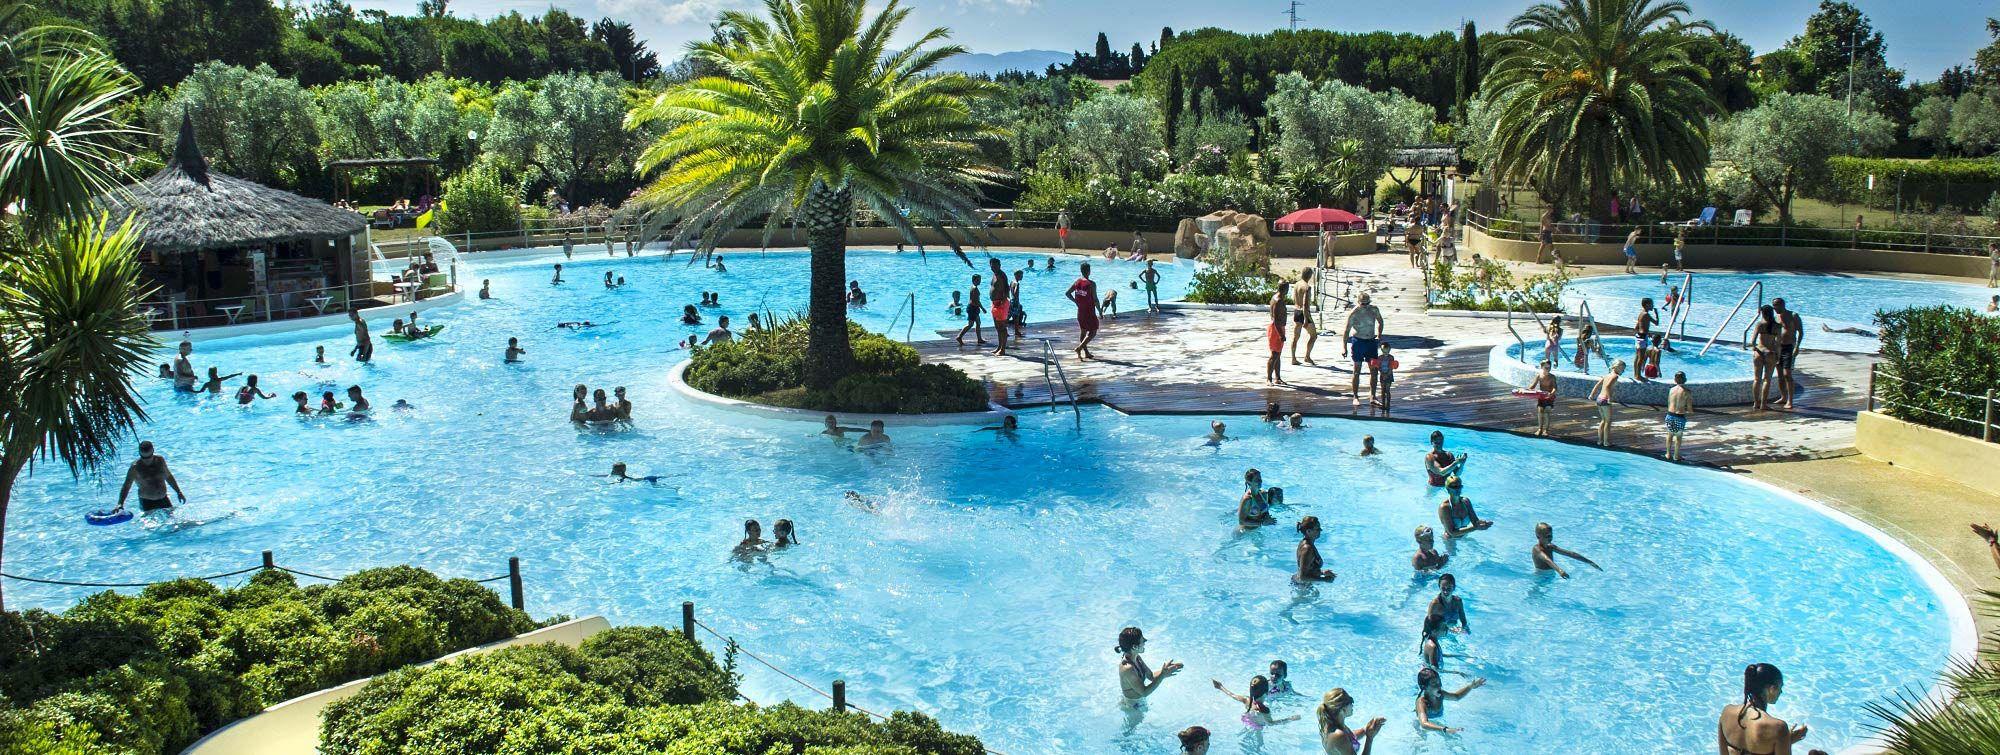 Camping mit Schwimmbädern in der Toskana